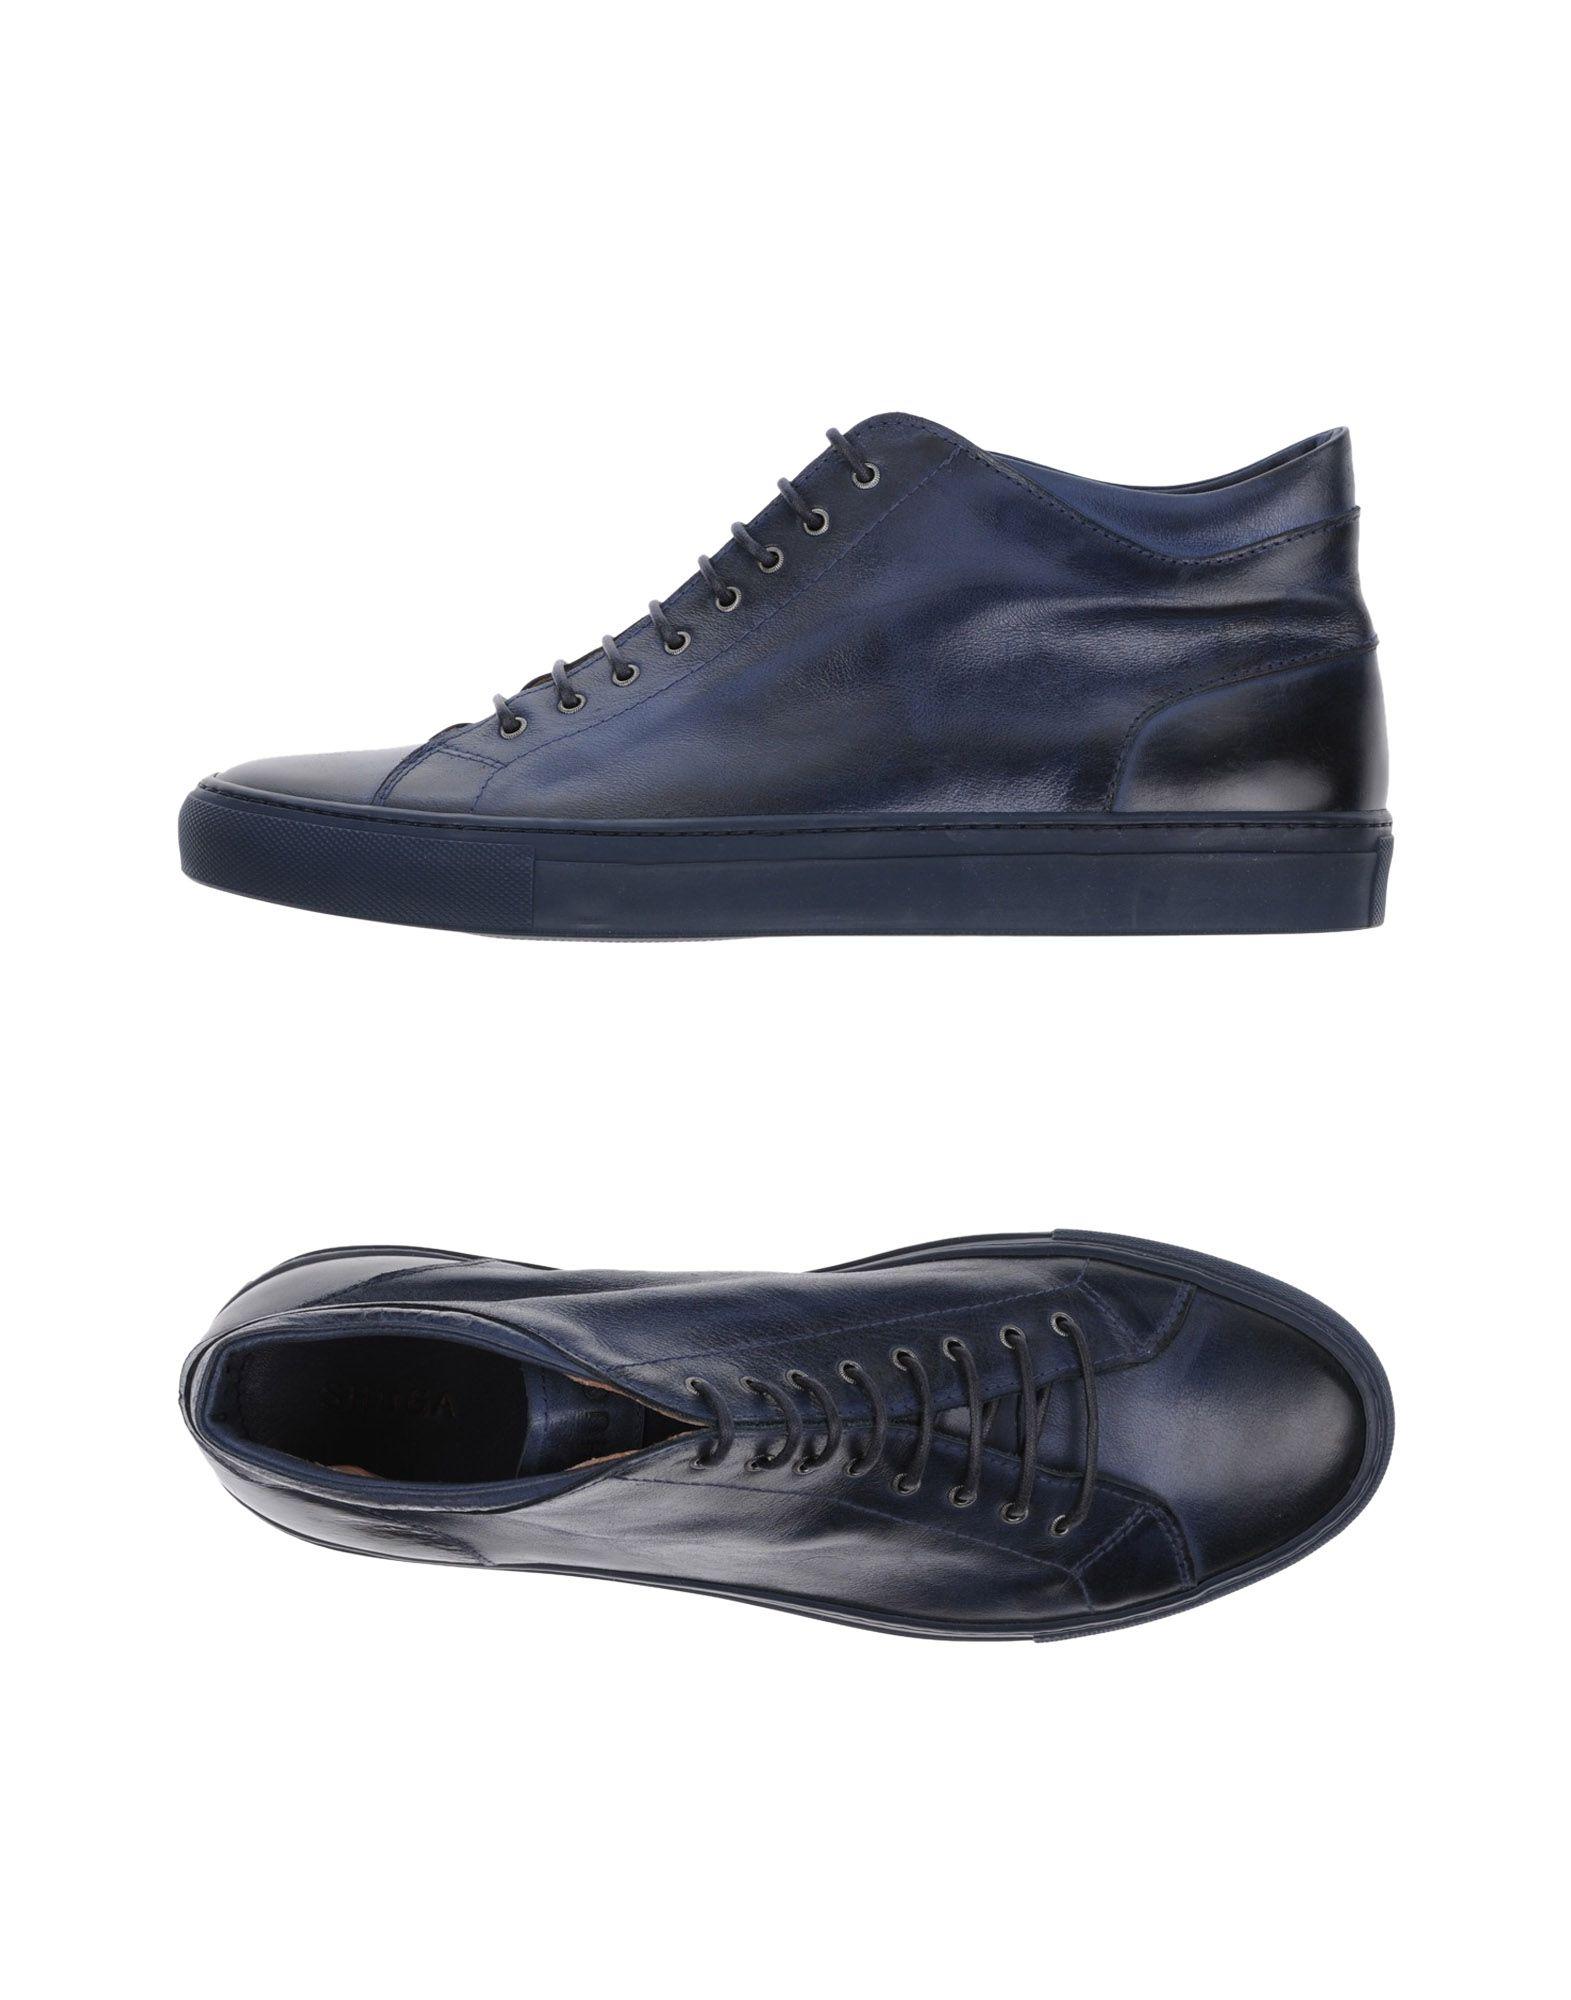 SHUGA Высокие кеды и кроссовки pierre hardy высокие кеды и кроссовки